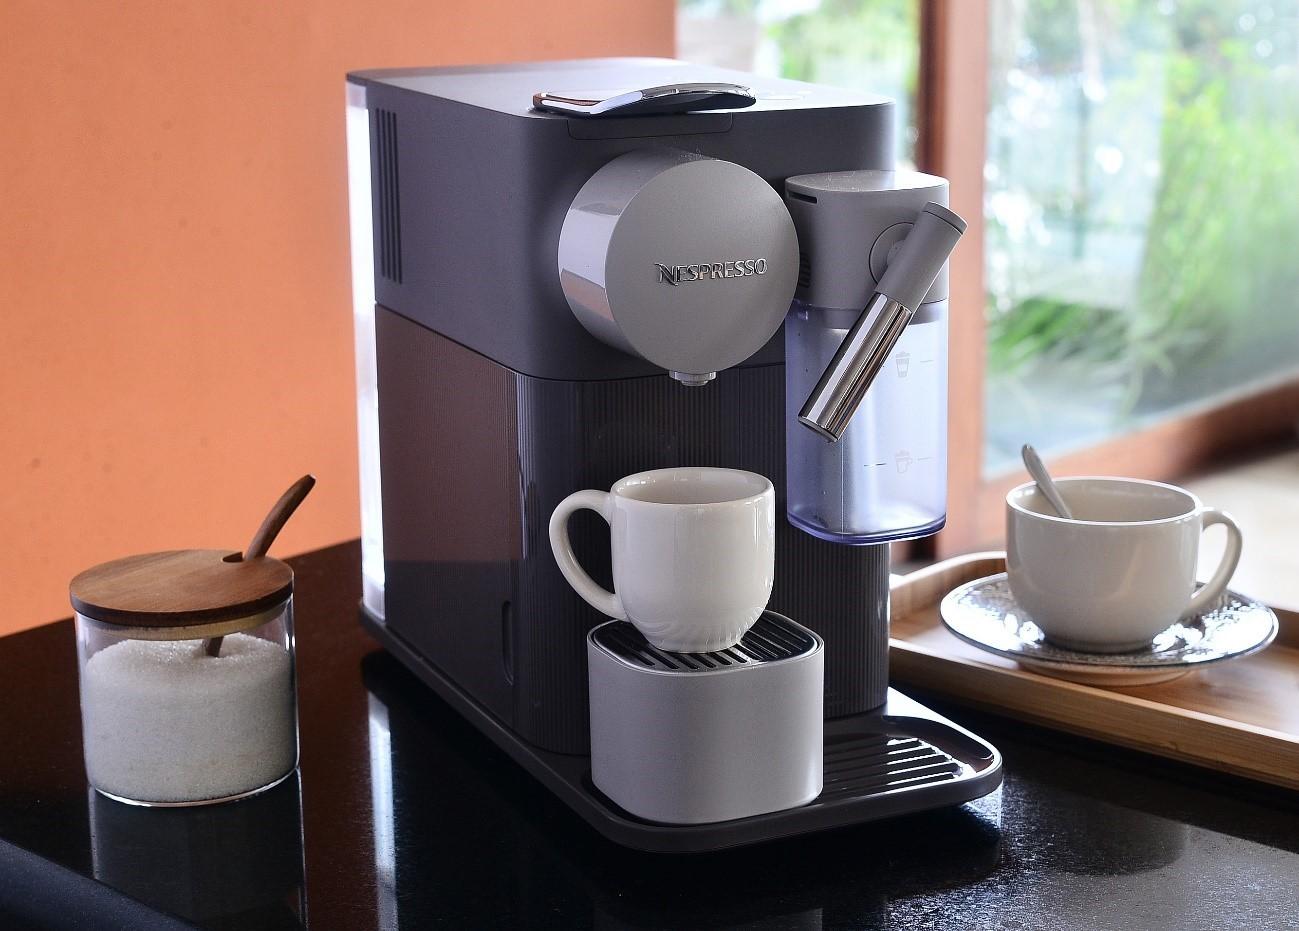 Lattissima One, máquina da Nespresso  (Foto: Divulgação)